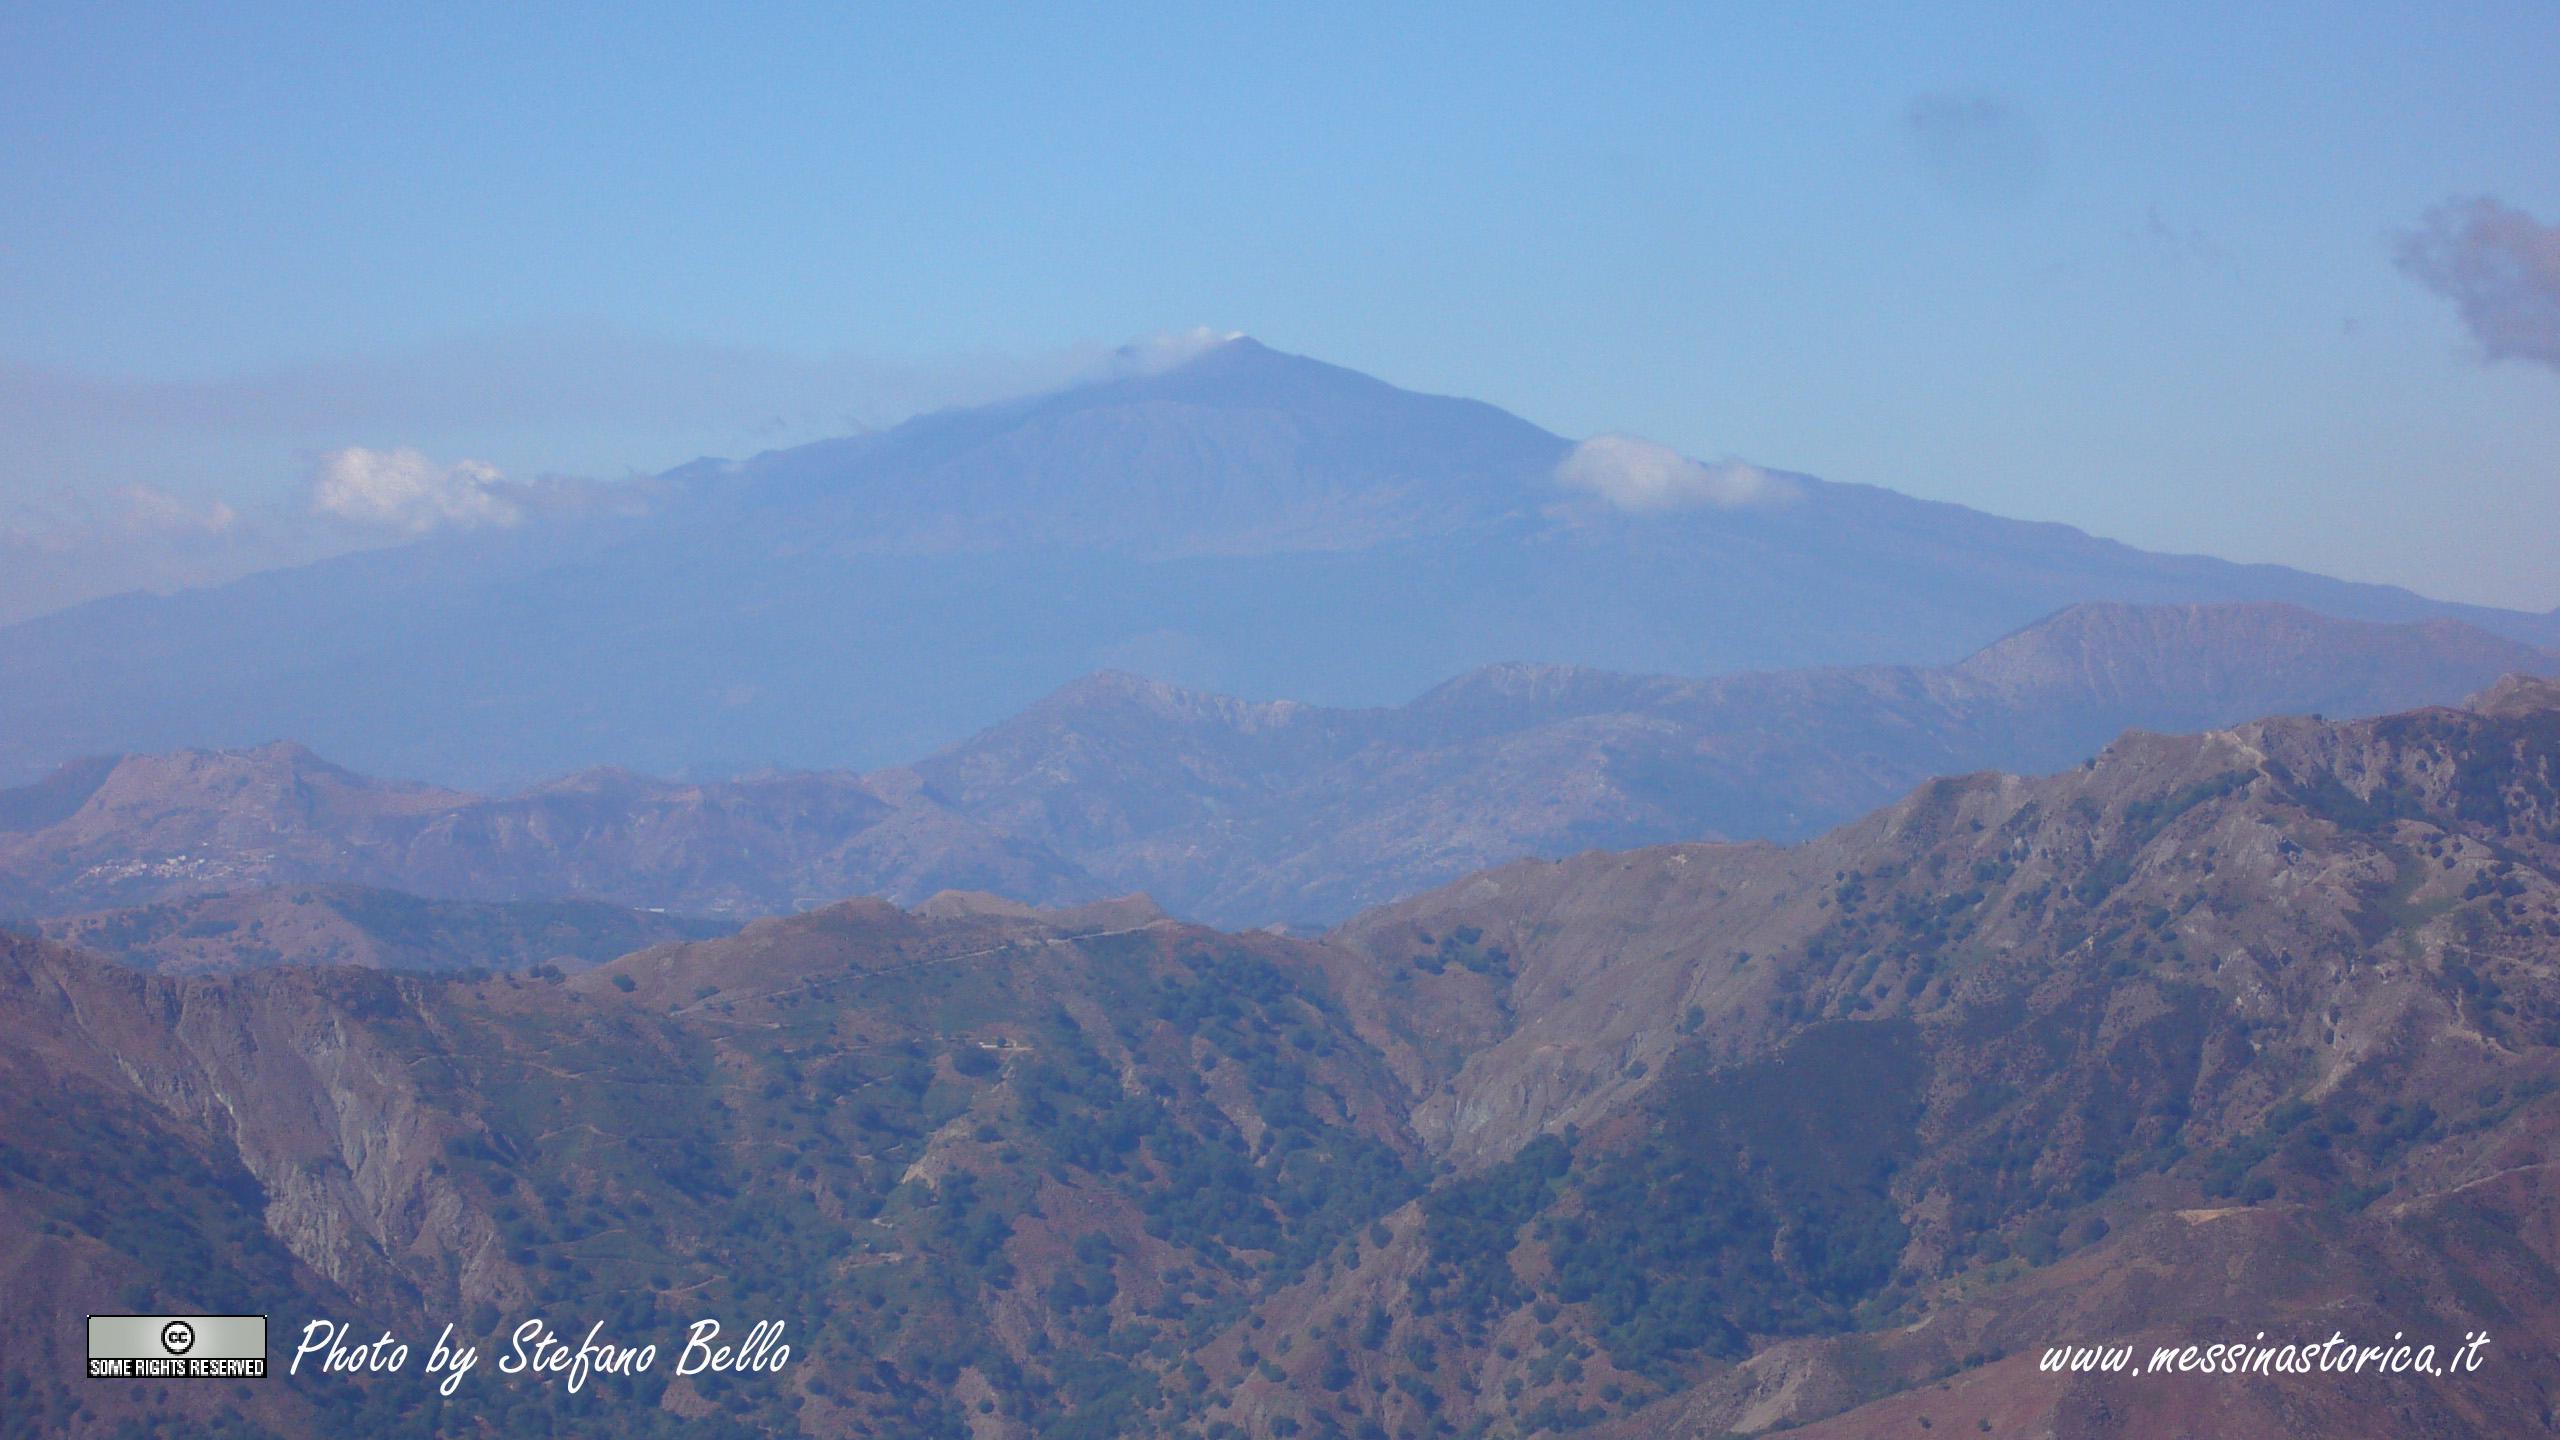 una veduta del vulcano più alto d'Europa: L'ETNA, che dal Monte Scuderi dista circa 70km - LA FOTO E' IN FORMATO PANORAMICO 16:9